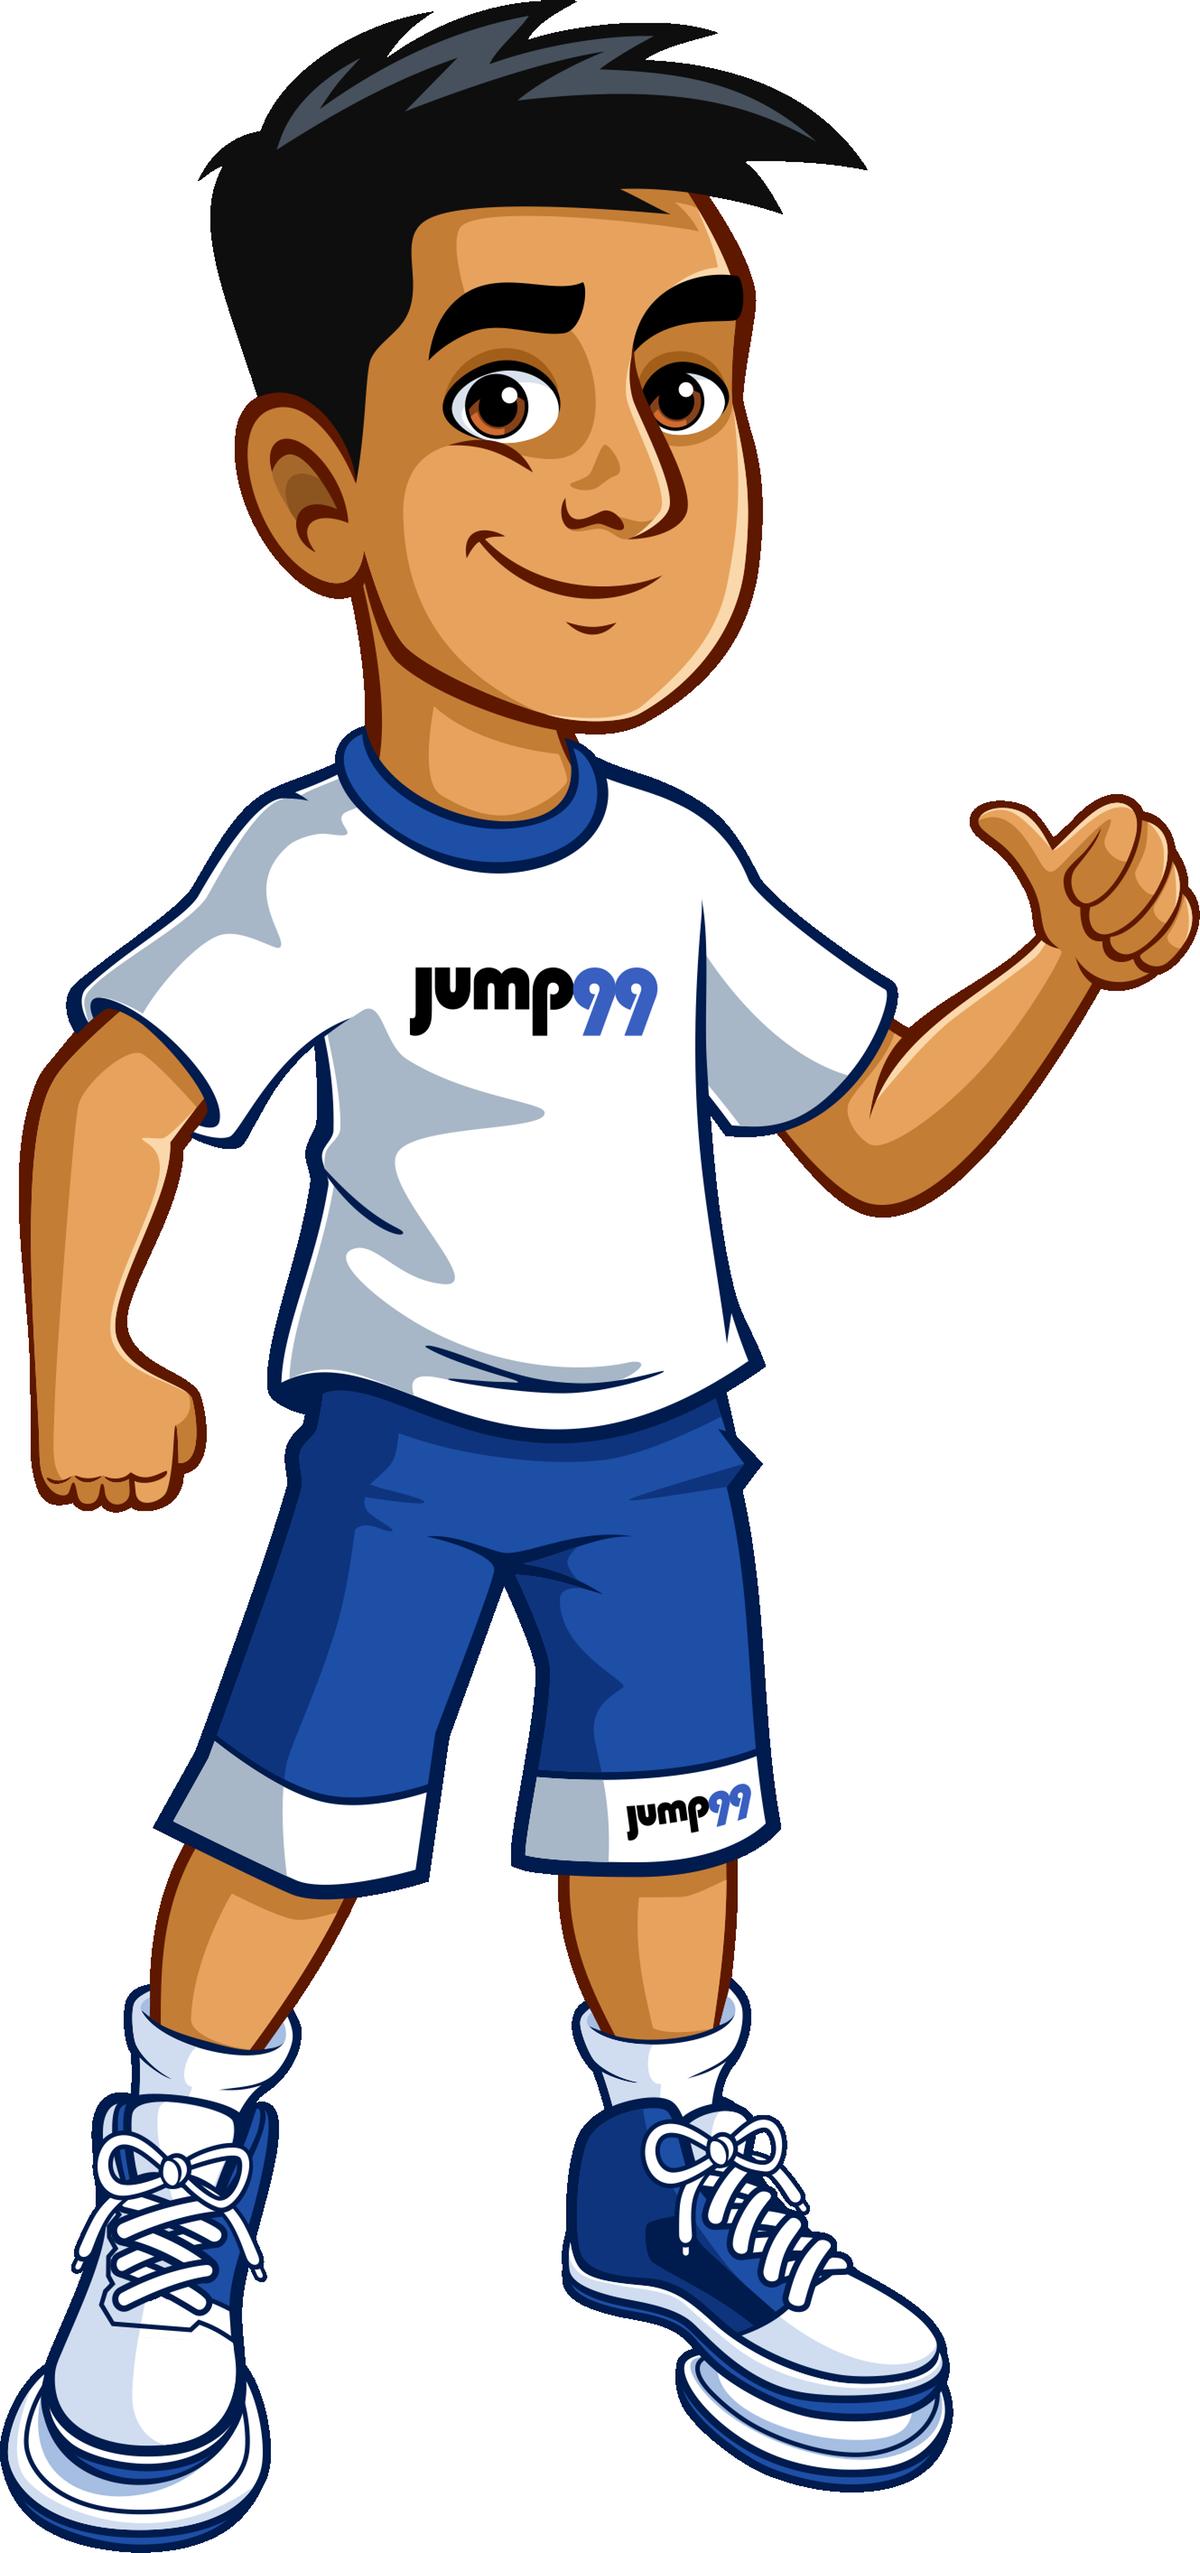 Jump99